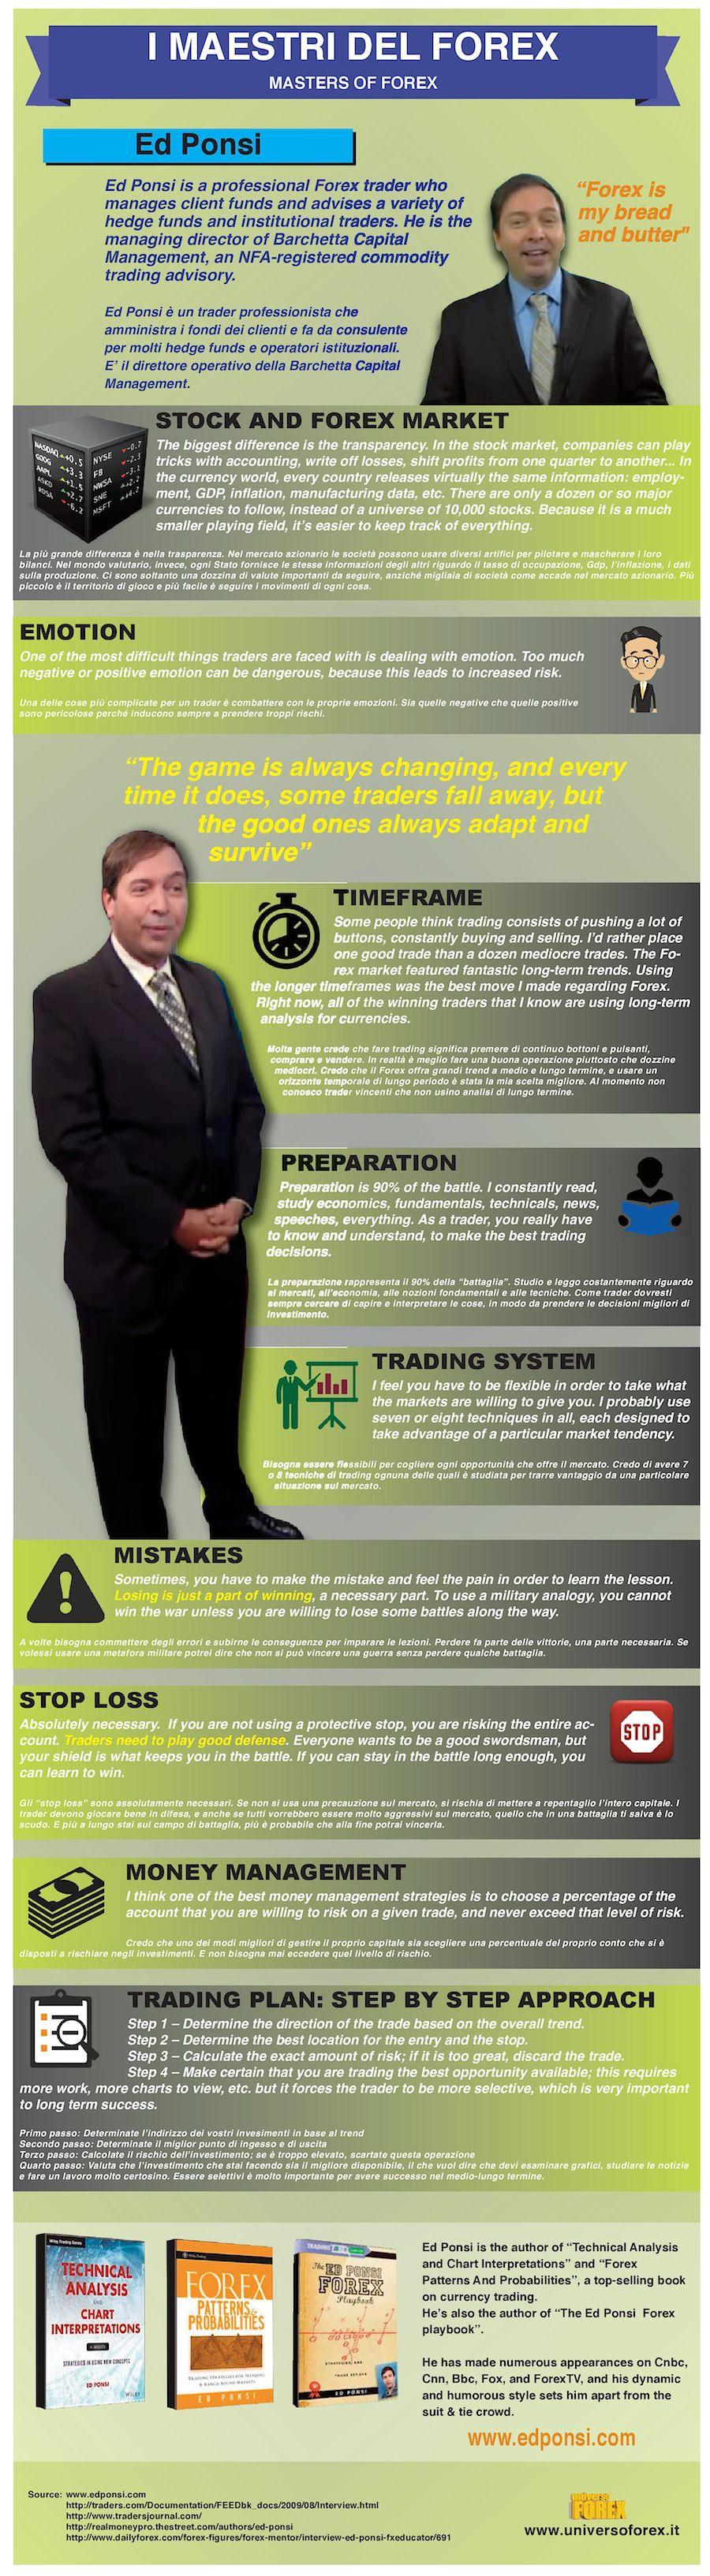 infografica-edponsi.jpg